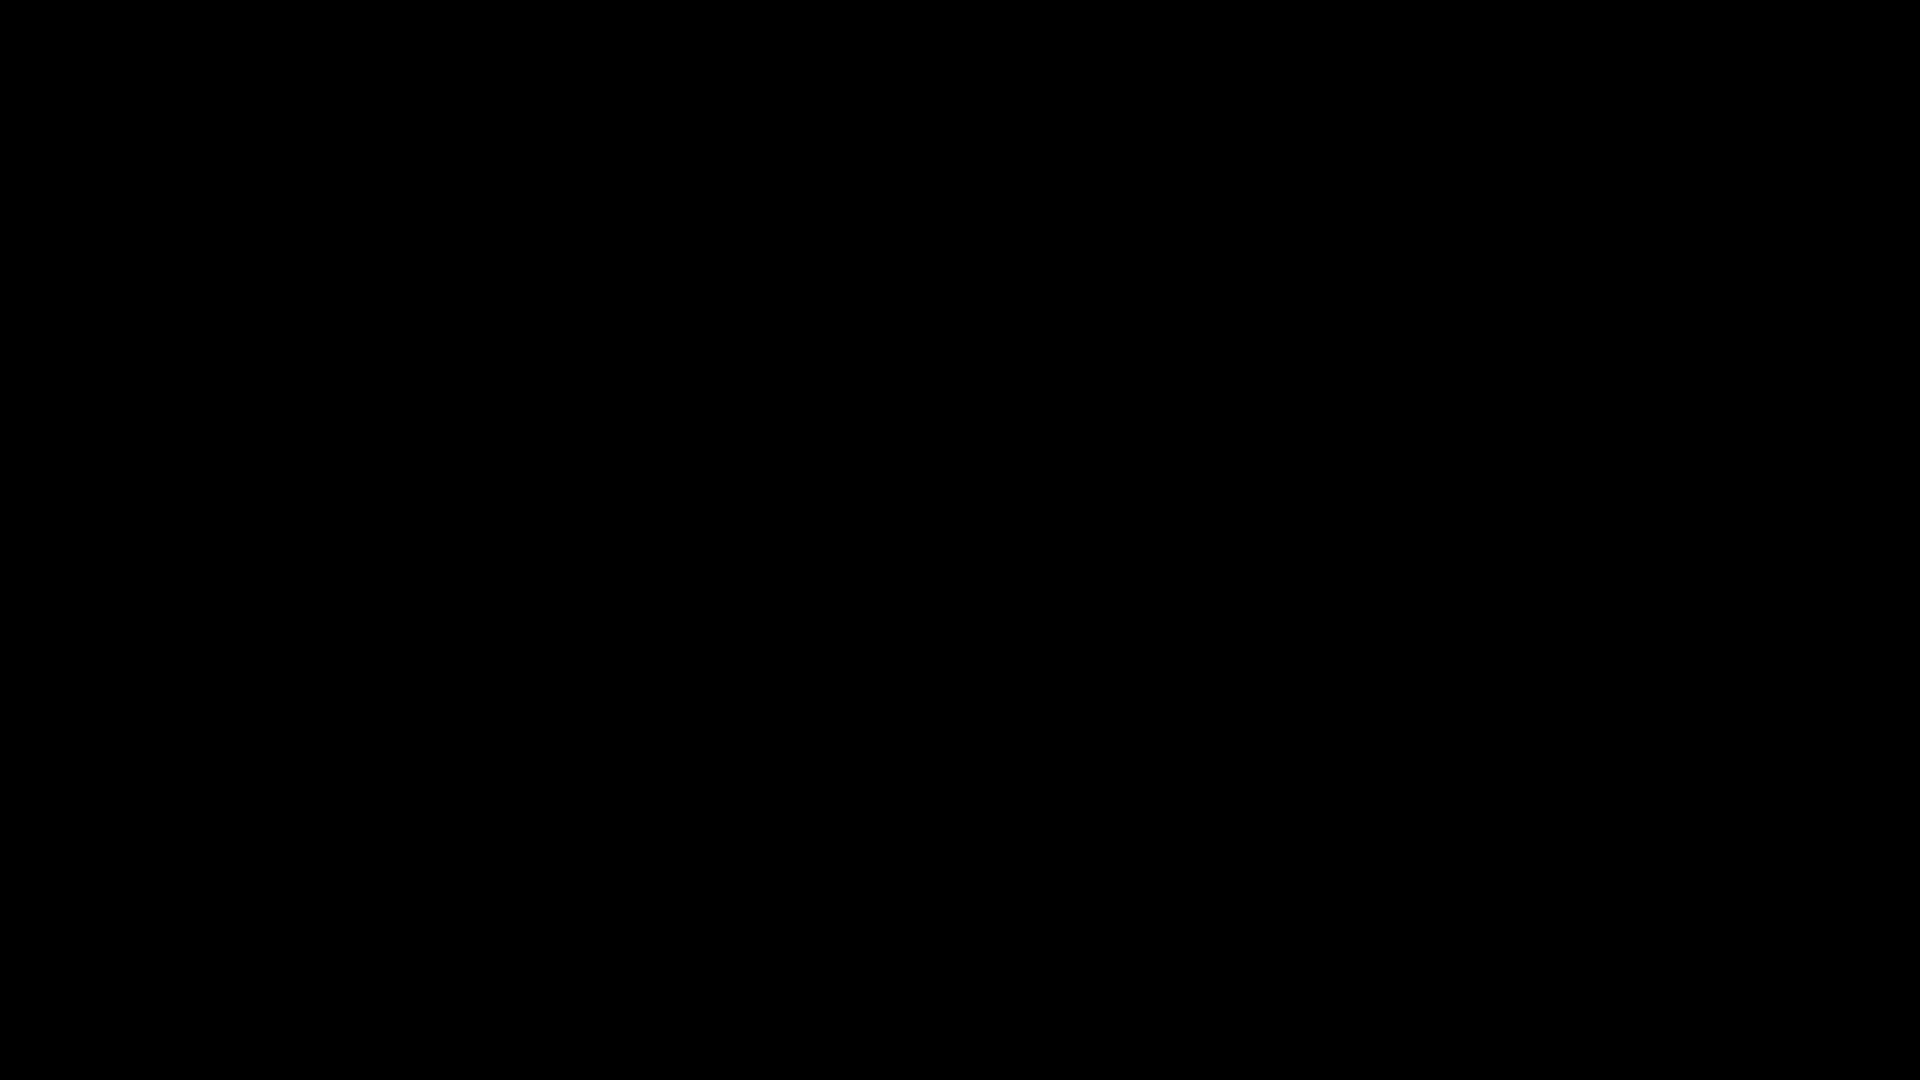 高画質露天女風呂観察 vol.032 入浴 盗撮われめAV動画紹介 54画像 11